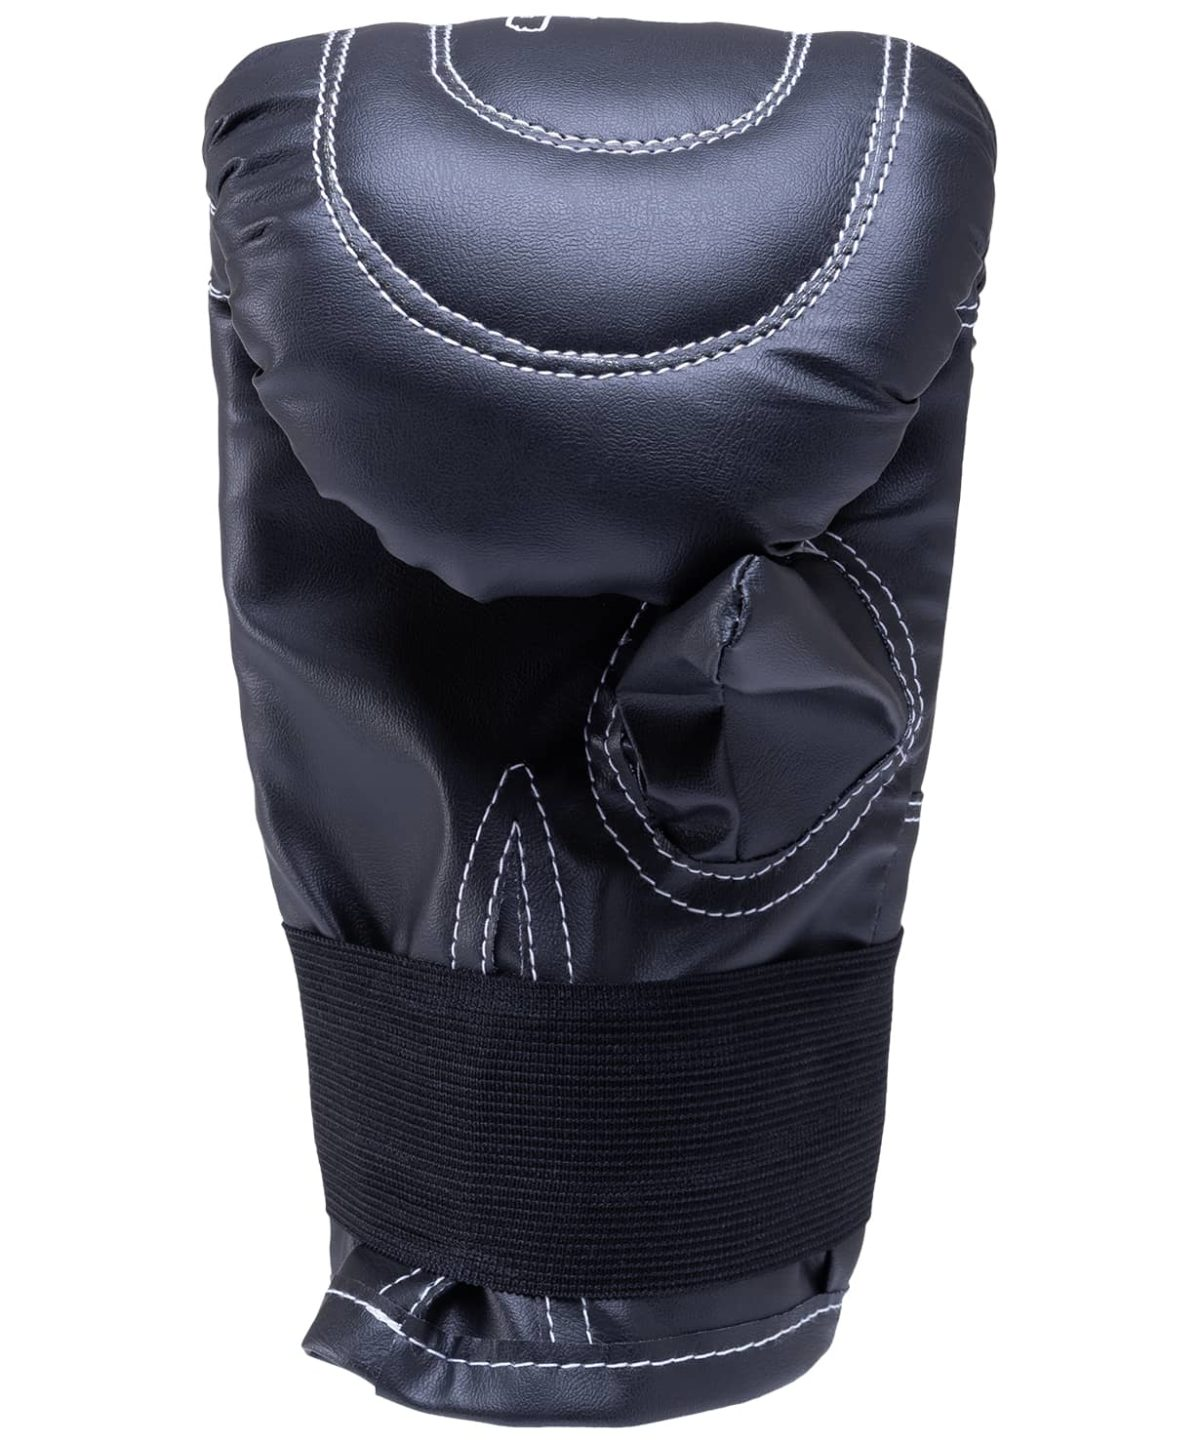 RUSCO Перчатки снарядные, кожзам 142: чёрный - 2